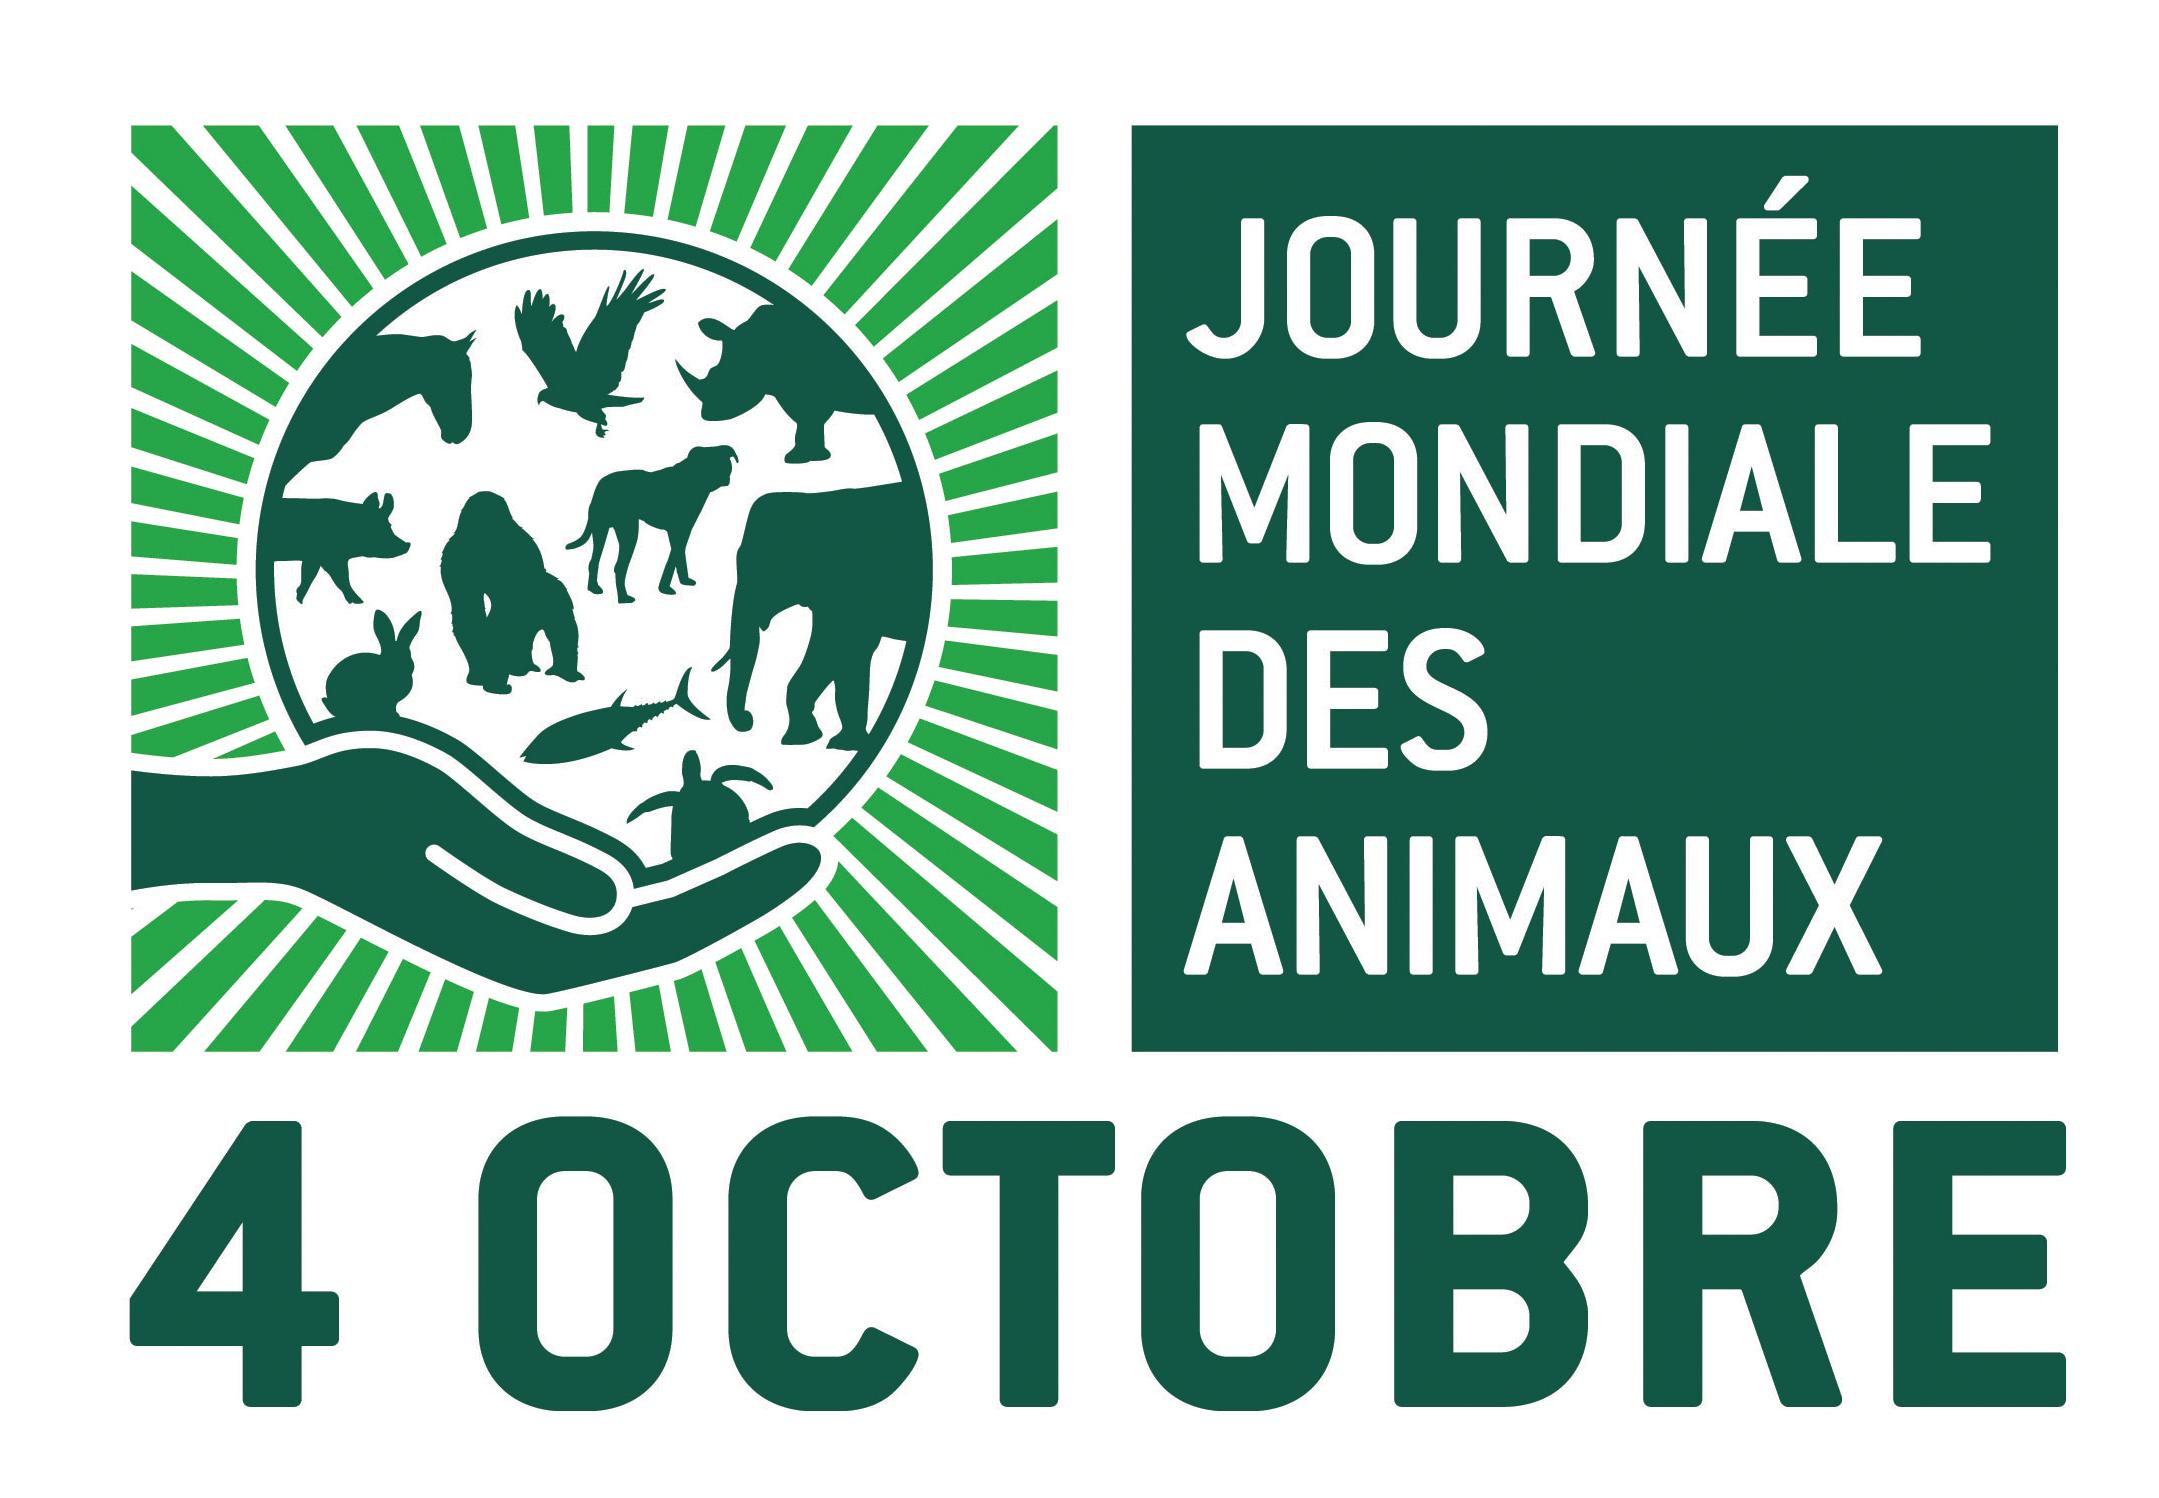 """Résultat de recherche d'images pour """"journée mondiale des animaux 4 octobre 2018"""""""